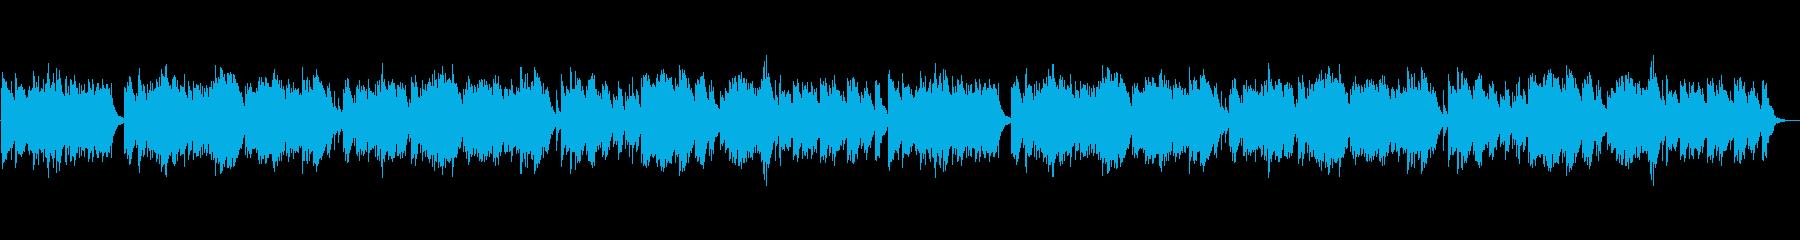 おだやかなギターソロの再生済みの波形